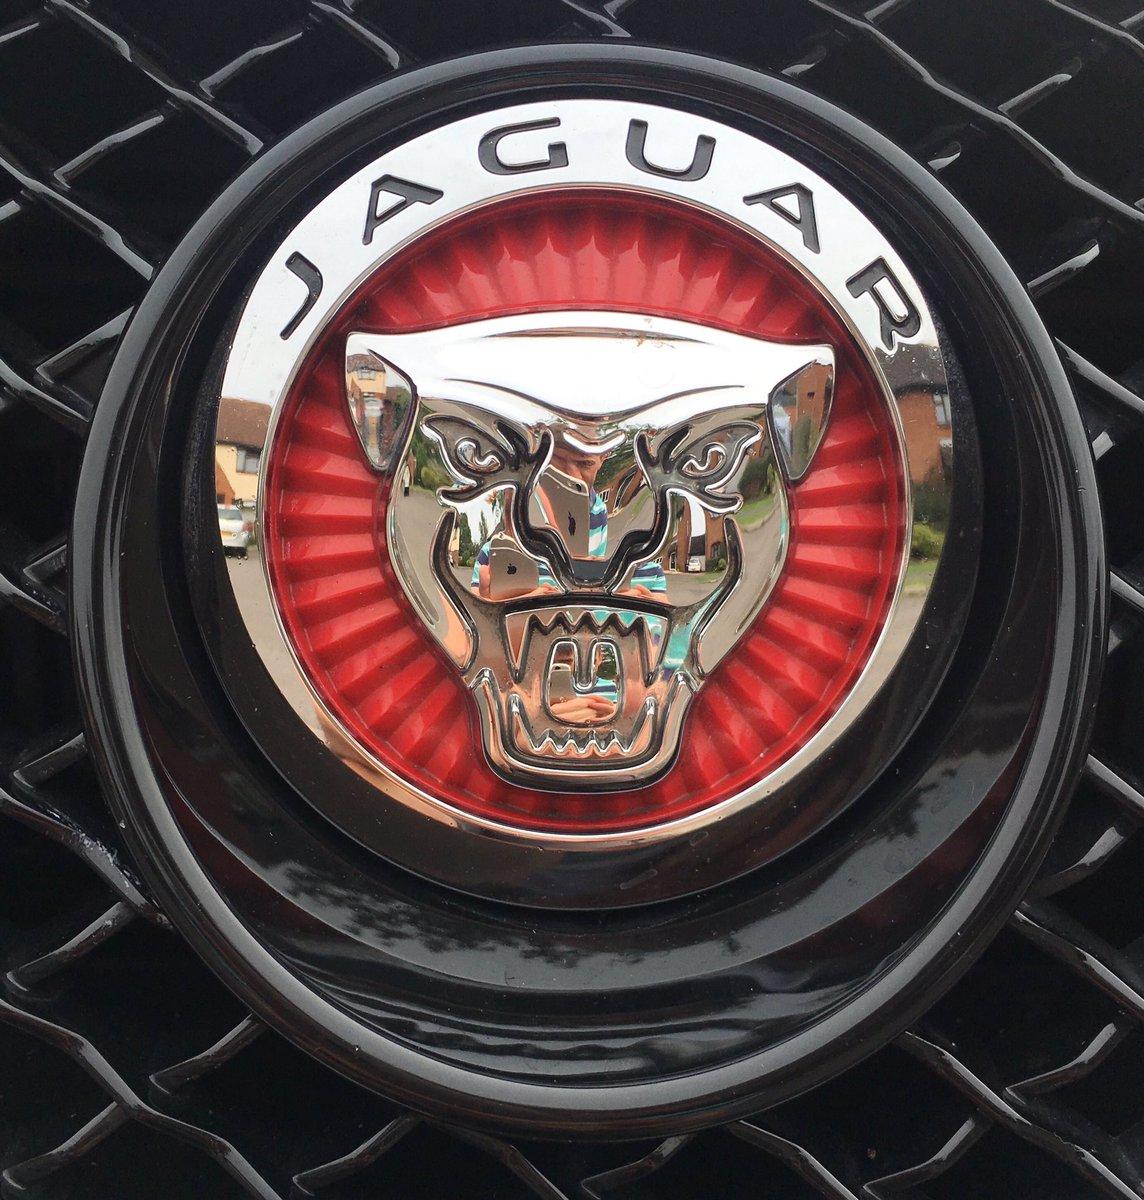 Db Wedding Cars On Twitter Growler Https T Co Wc8wkeytsj Secret Thewhitewed Jaguar Wiltshire Royalwoottonbett Swindon